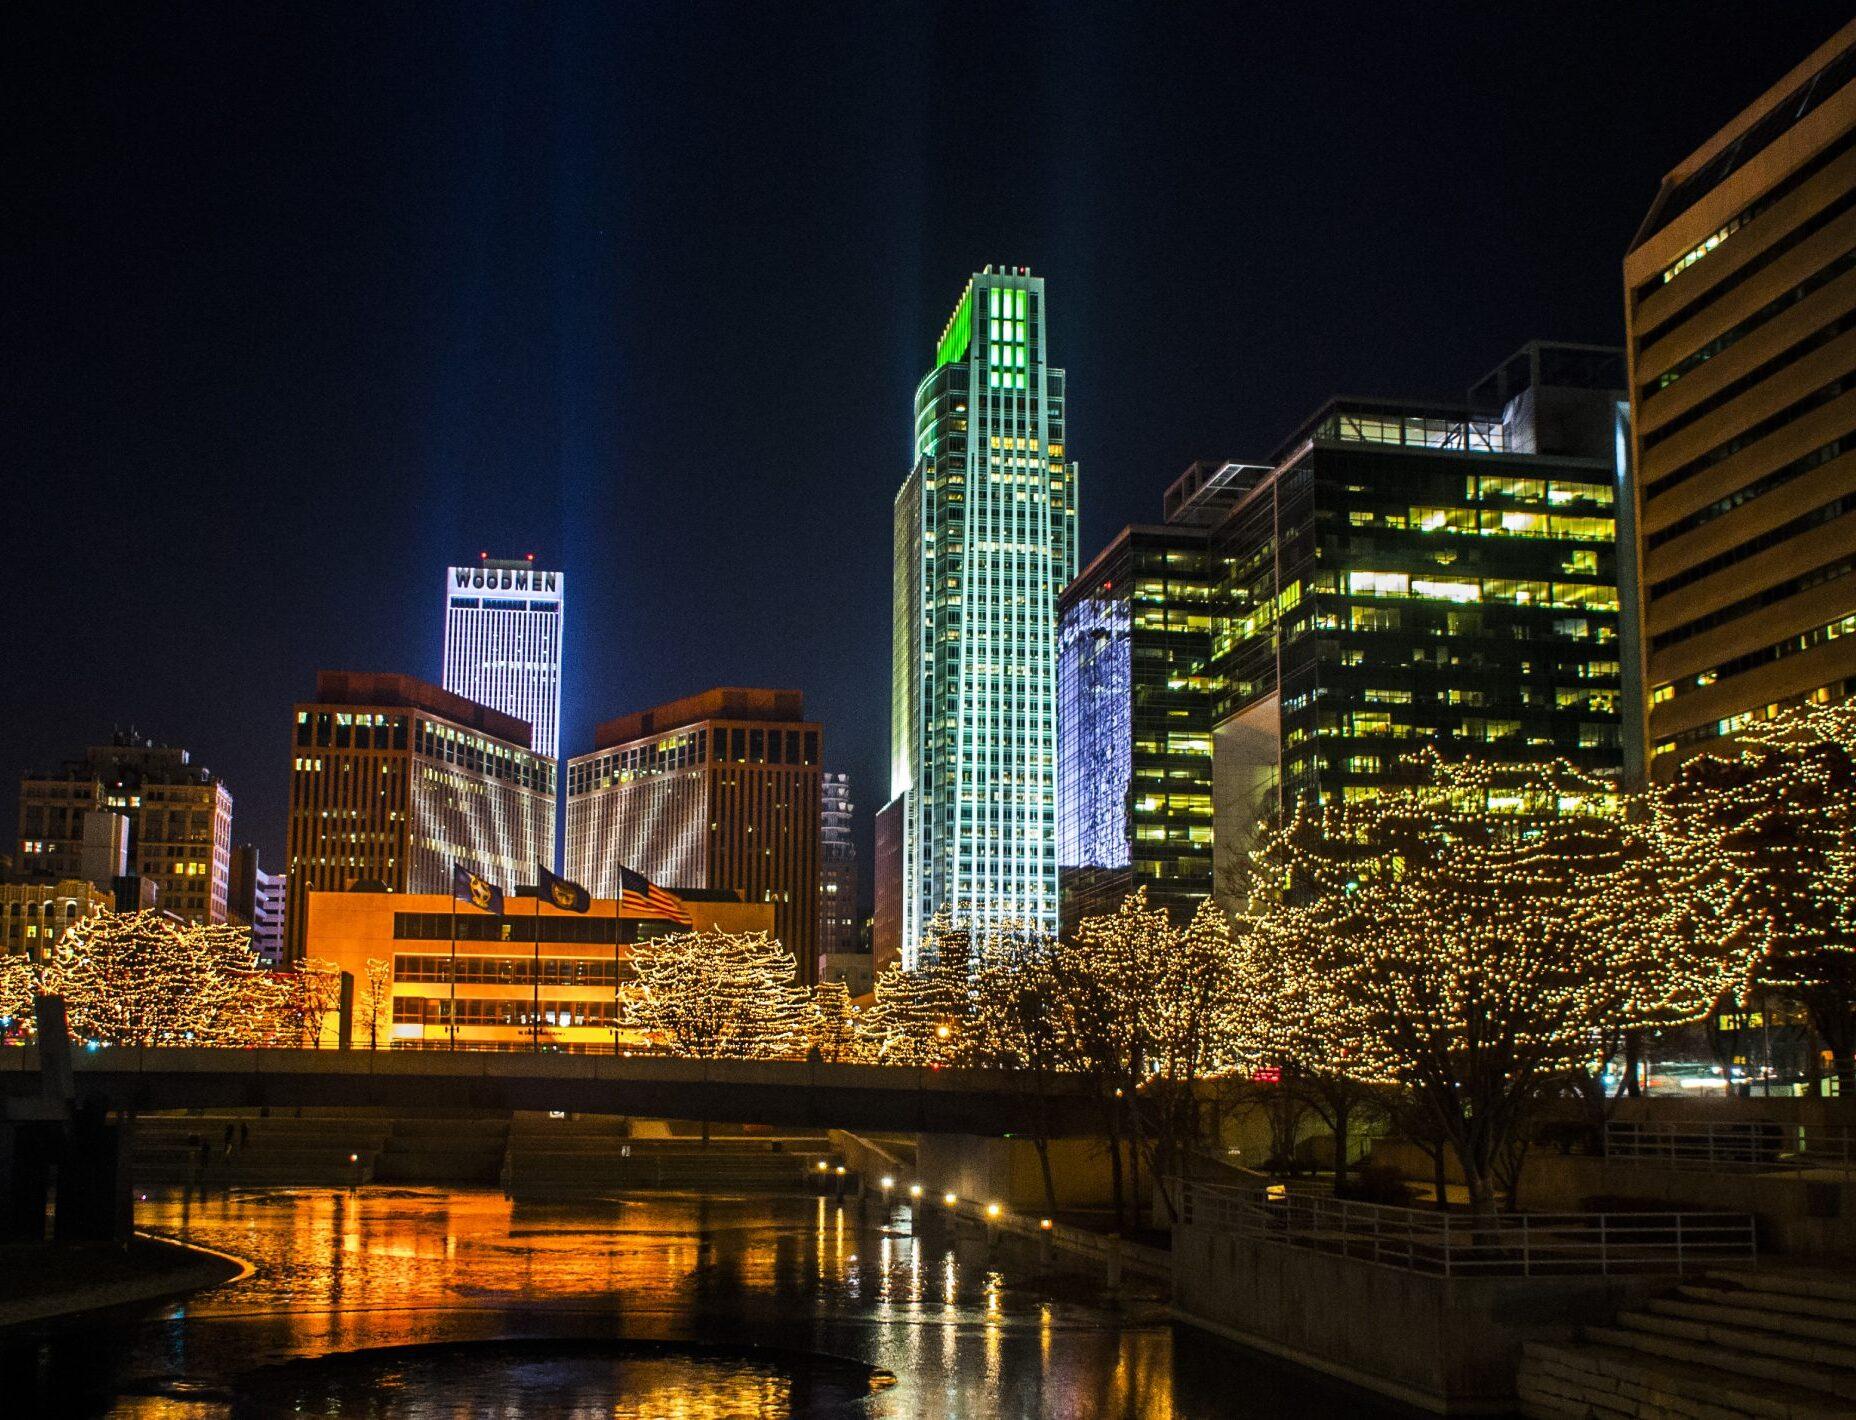 Omaha's Holiday on Glass